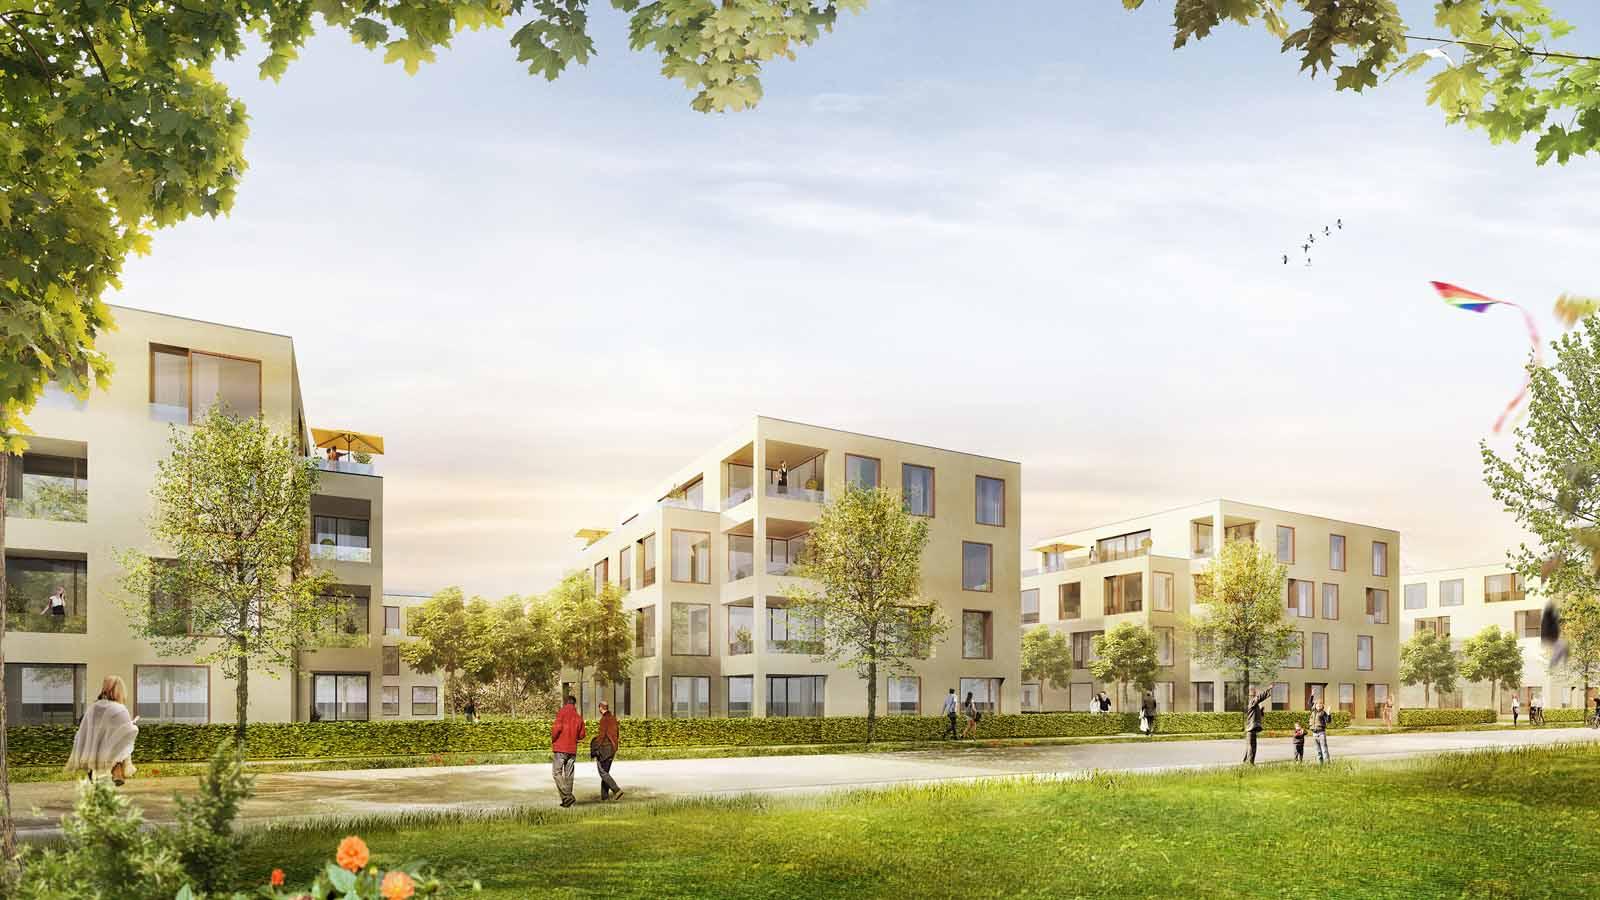 Hubland Wohnungsbau2